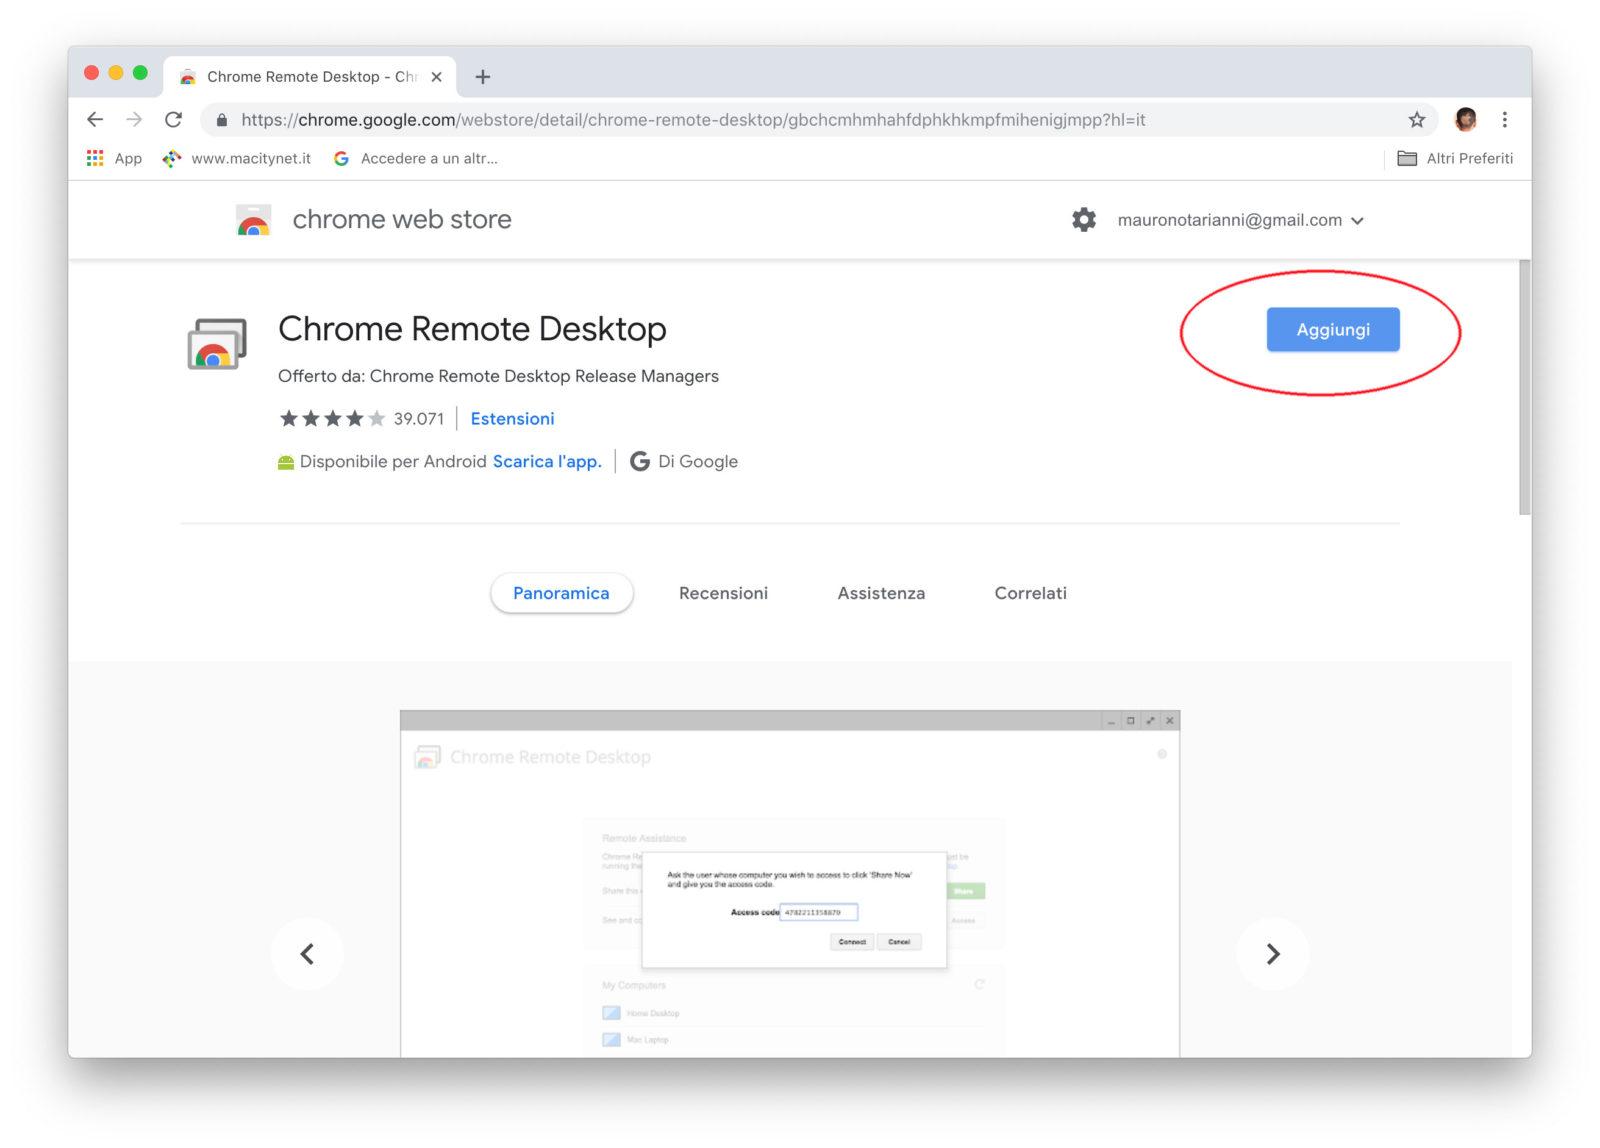 Aggiungere Chrome Remote Desktop